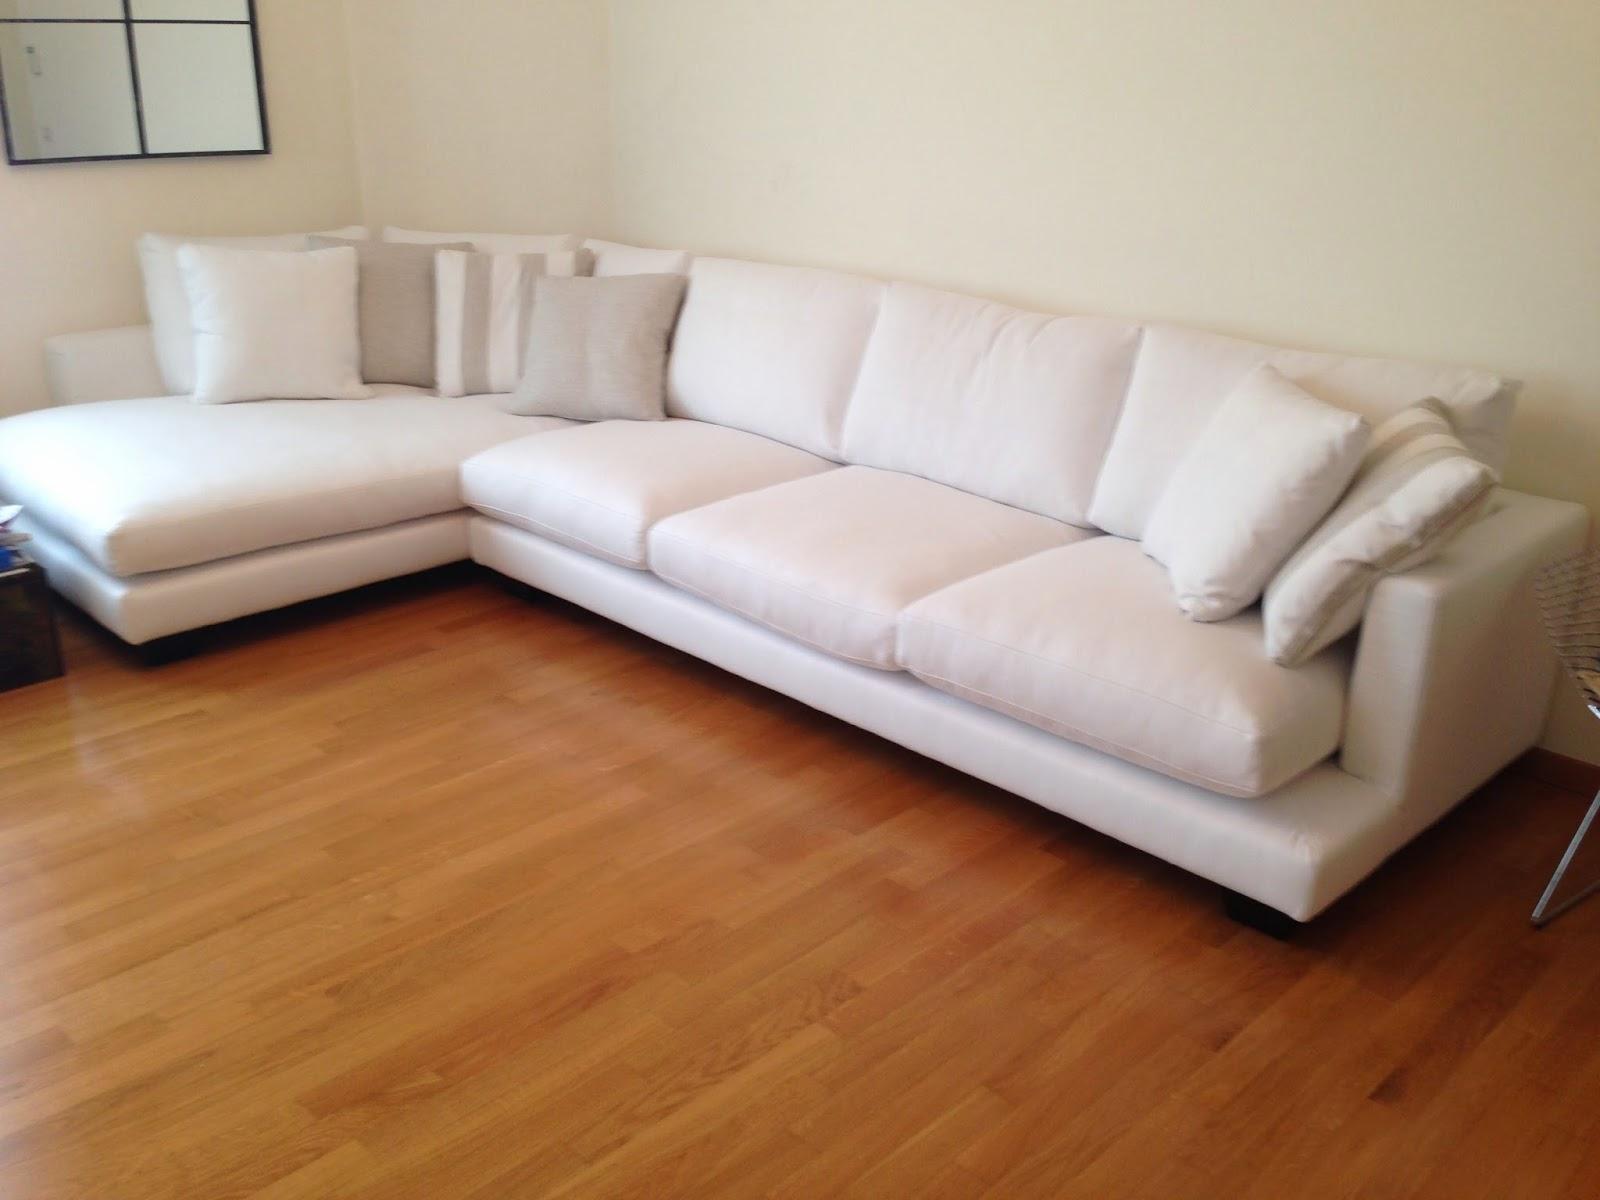 Divano su misura e personalizzato tino mariani - Dimensioni divano con isola ...